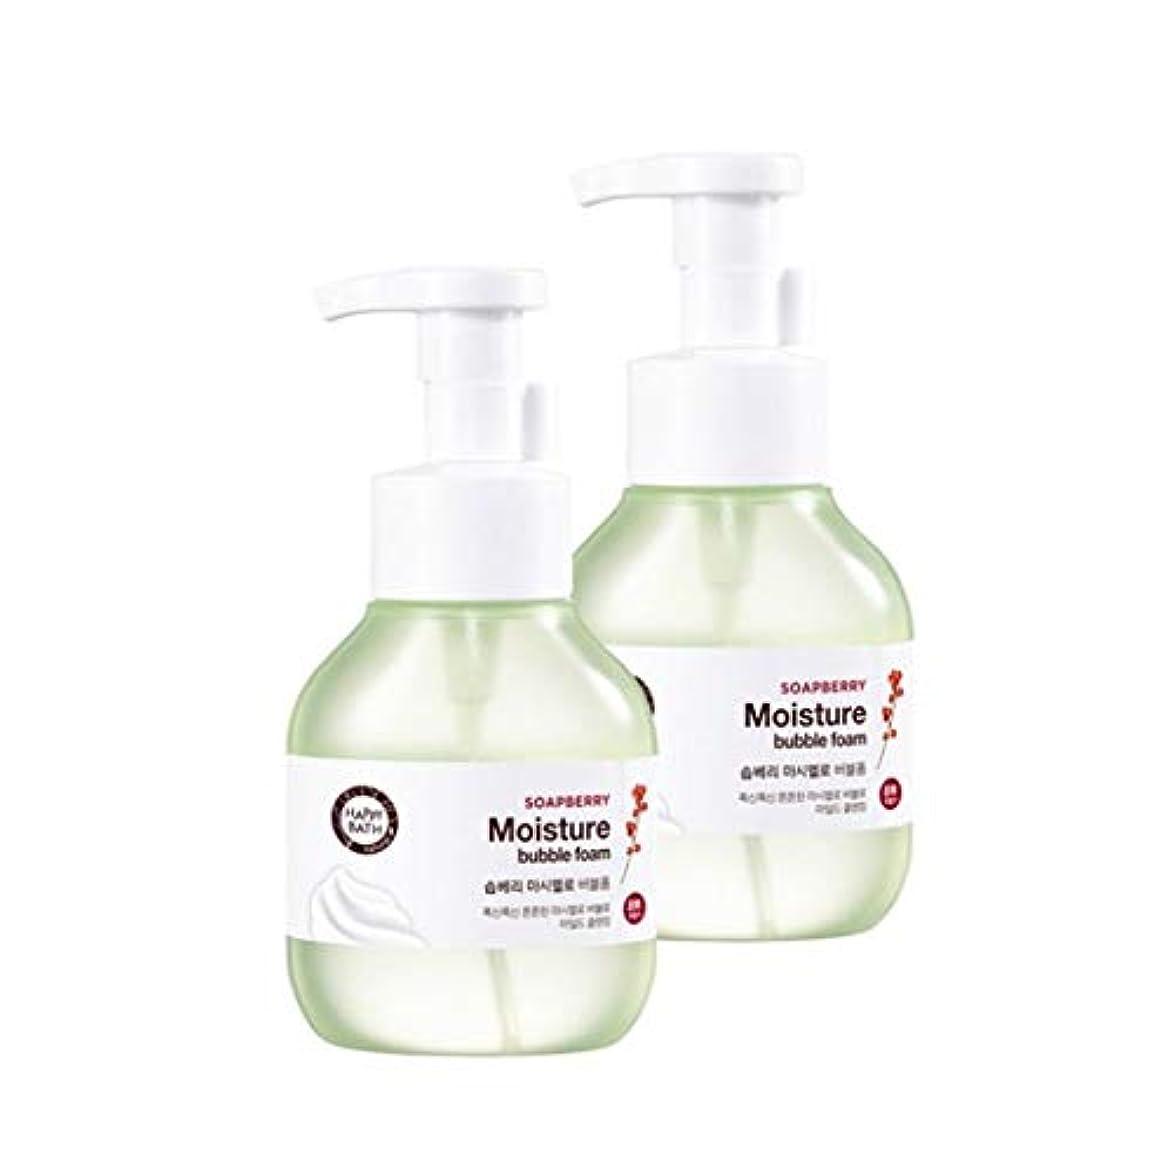 カートン楕円形スピンハッピーバスソープベリーマシュマロバブルフォーム300mlx2本セット韓国コスメ、Happy Bath Soapberry Moisture Bubble Foam 300ml x 2ea Set Korean Cosmetics...